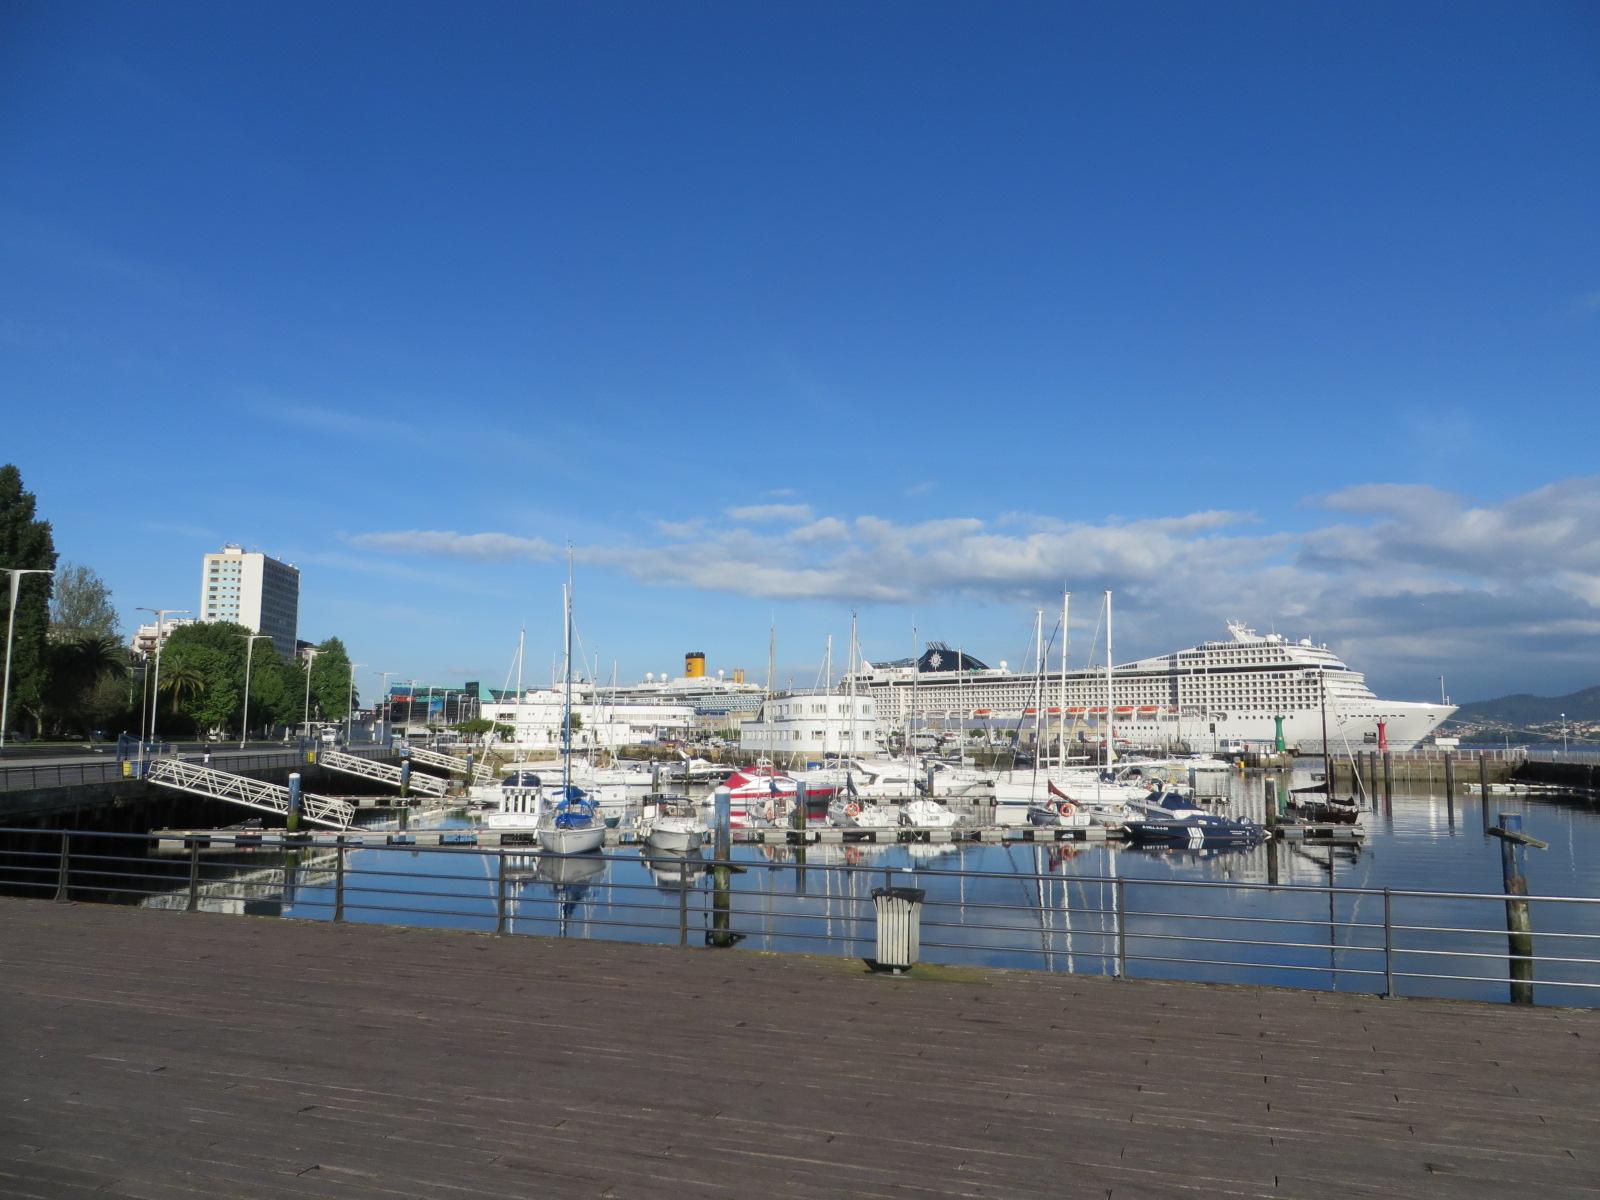 Doble escala hoy en el puerto de vigo costa luminosa y - Puerto de vigo cruceros ...